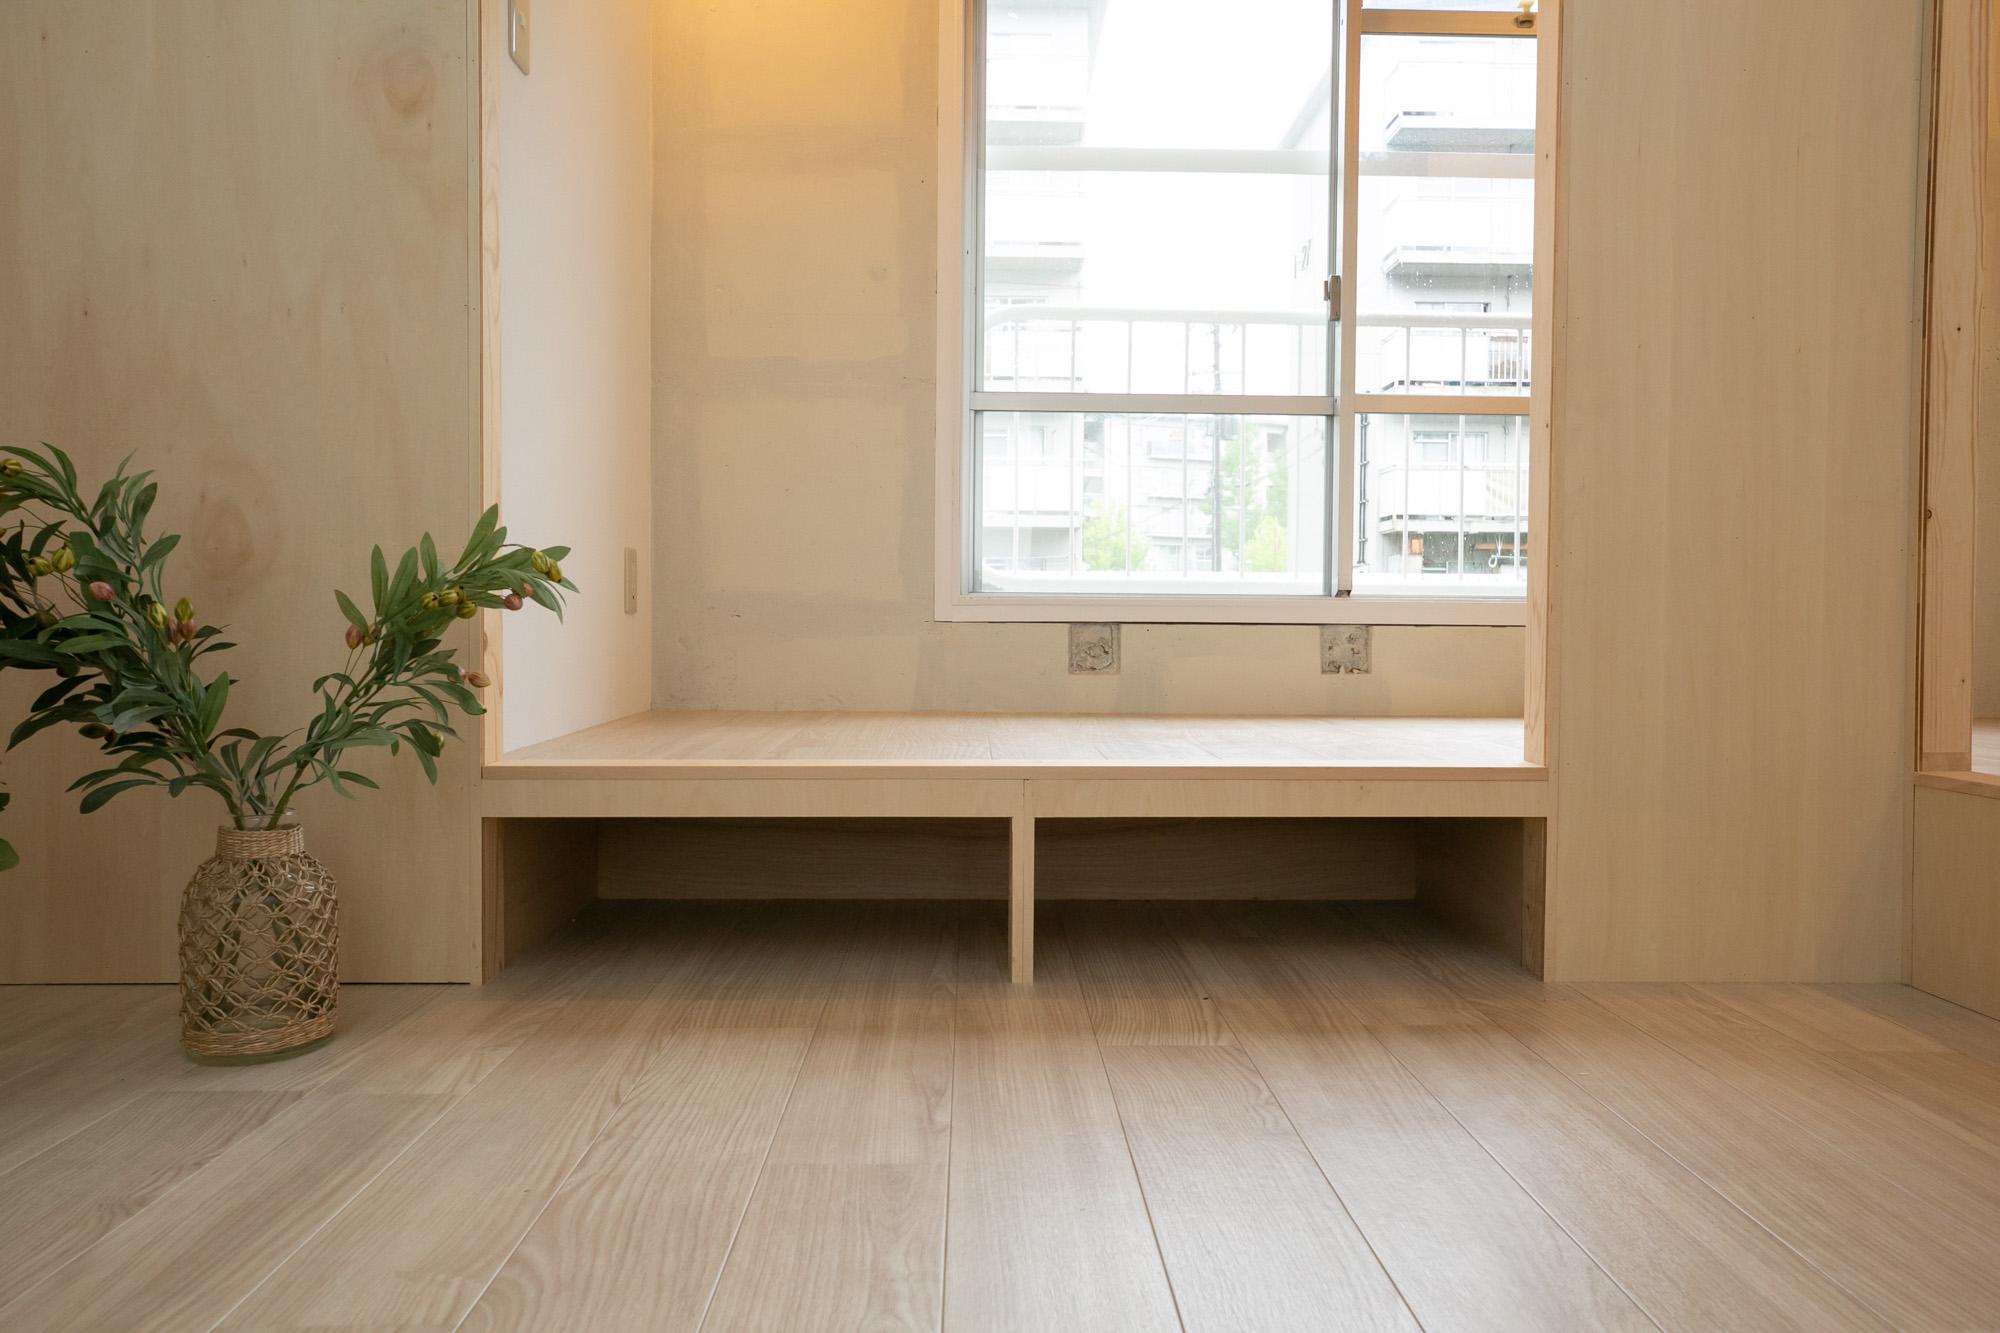 コンパクトな分、この小上がりスペースはより重宝しそうです。ソファを置かなくても腰かけてくつろげて、しかも収納にもなるのはとても良いですね。